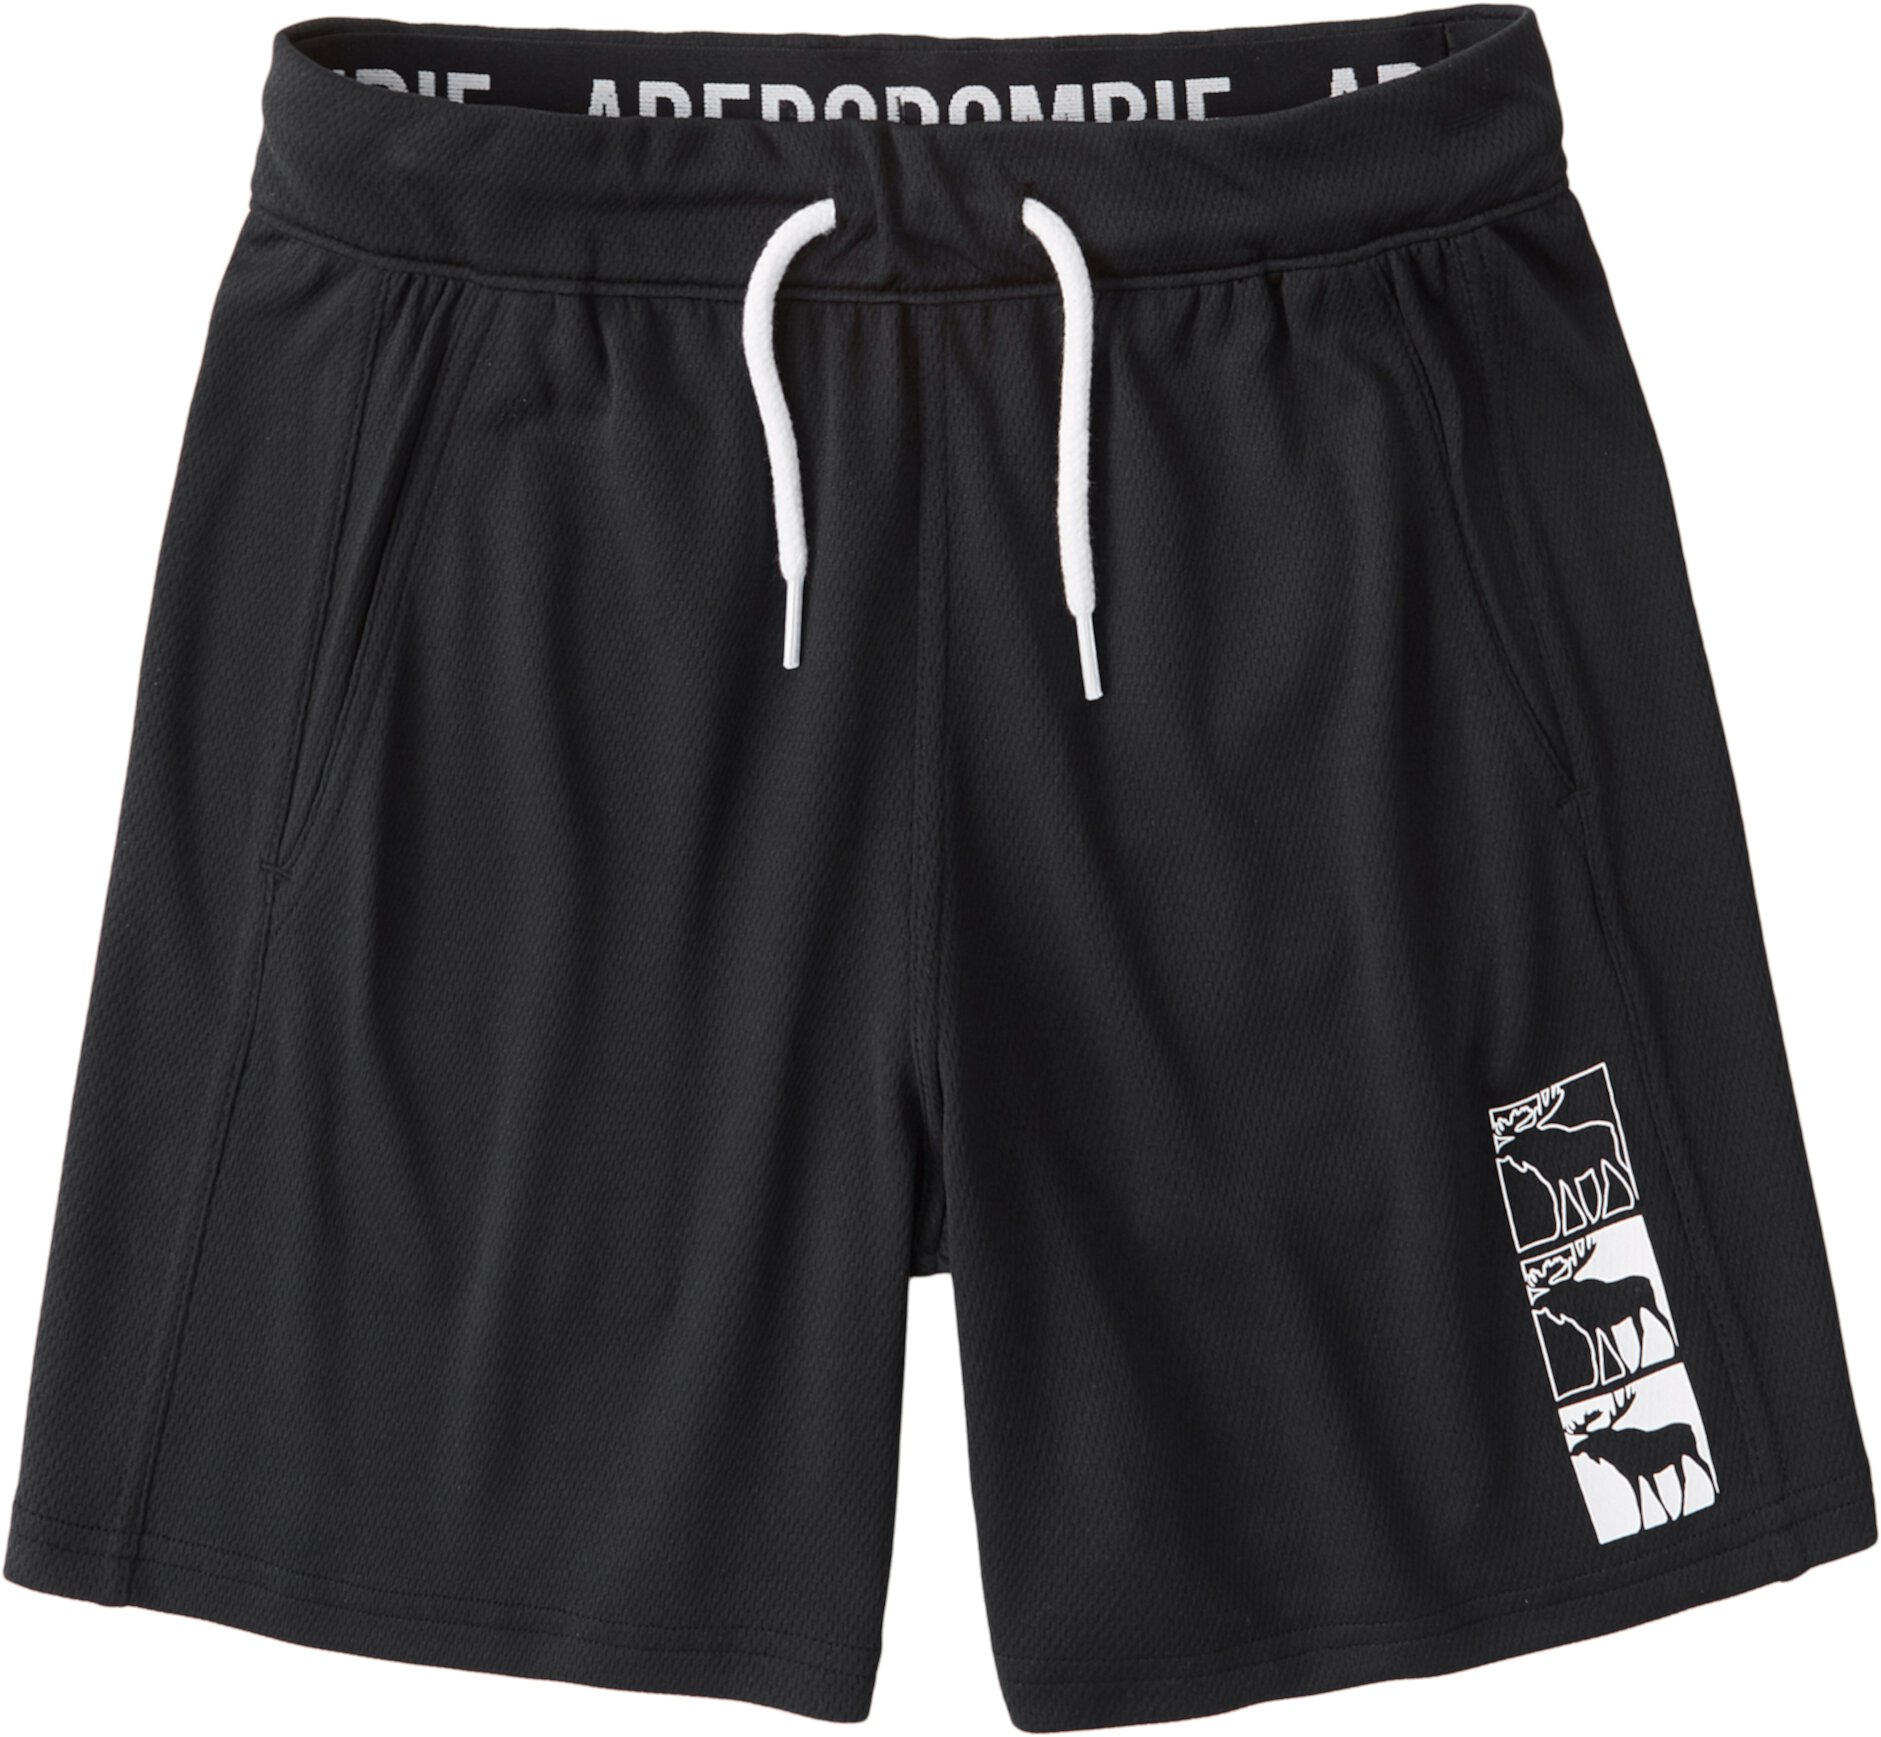 Сетчатые шорты с логотипом (для детей младшего и школьного возраста) Abercrombie kids